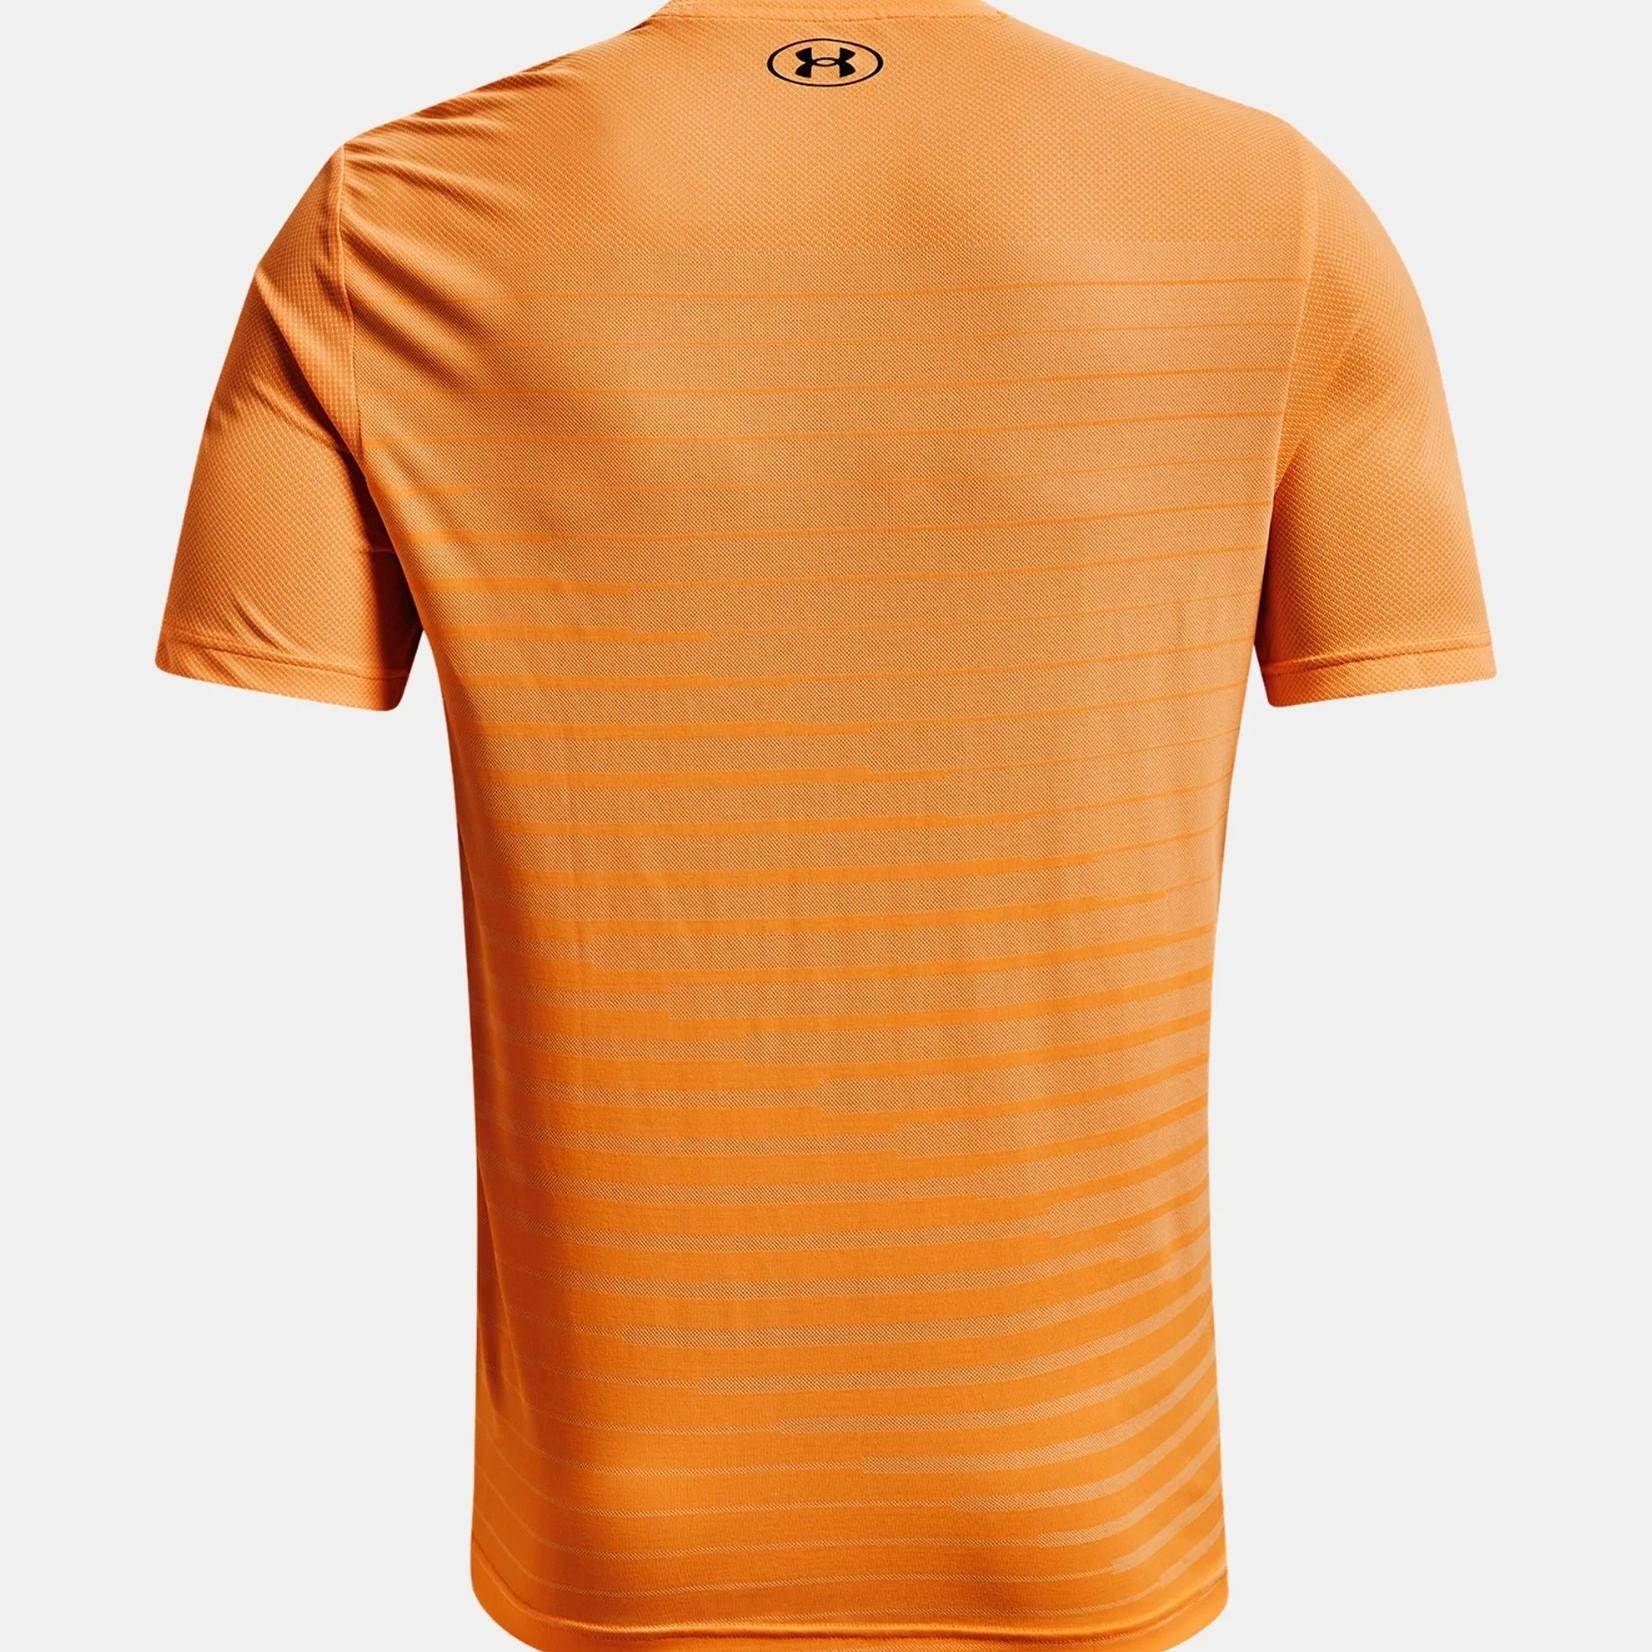 Under Armour UA Seamless Fade SS- Omega Orange